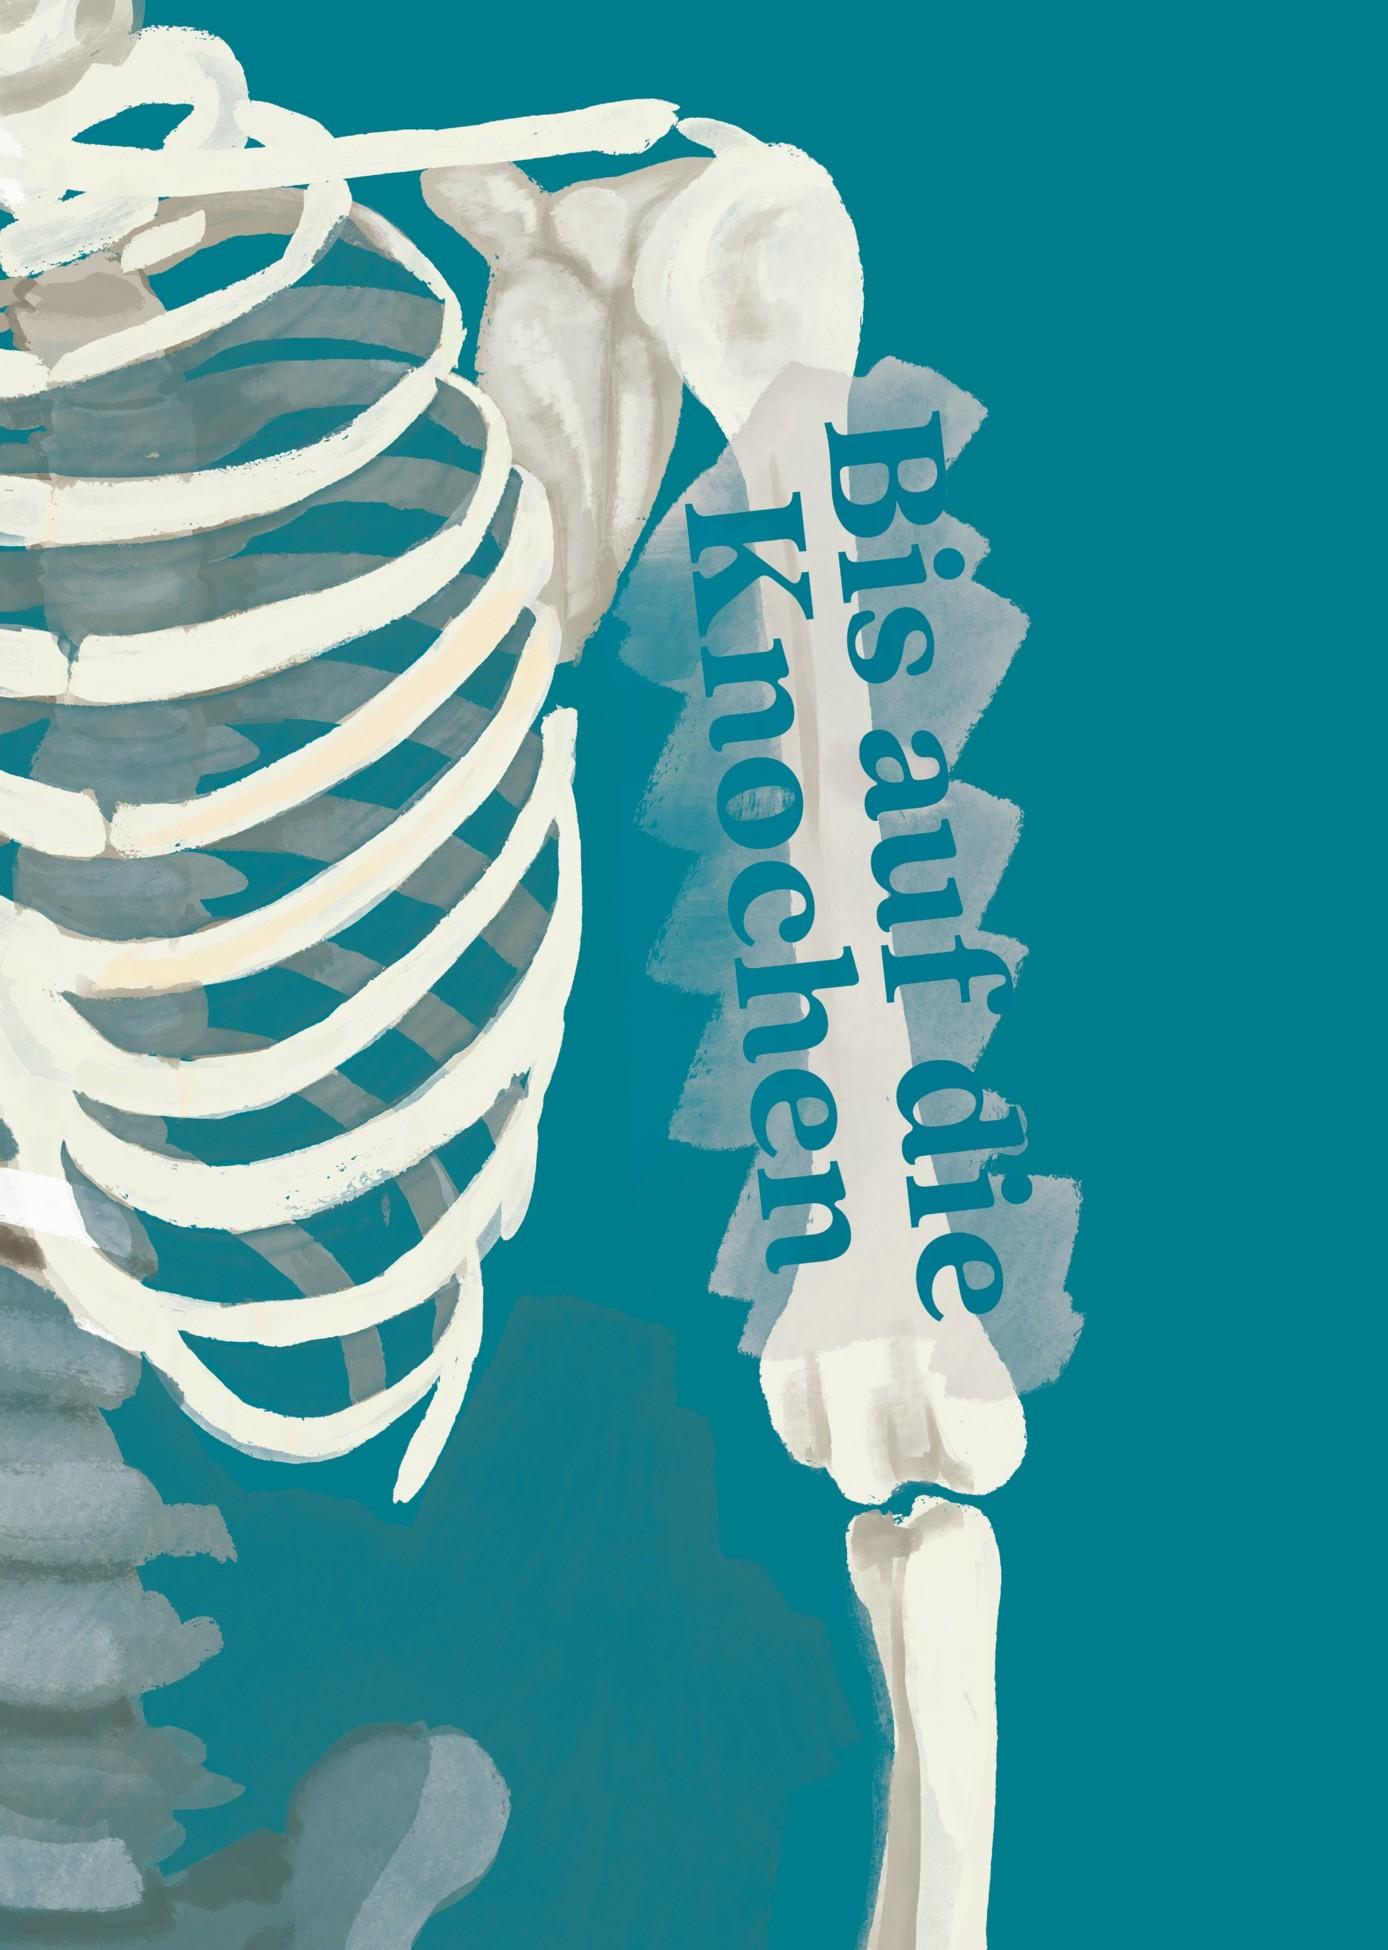 Ausstellungsplakat Bis auf die Knochen